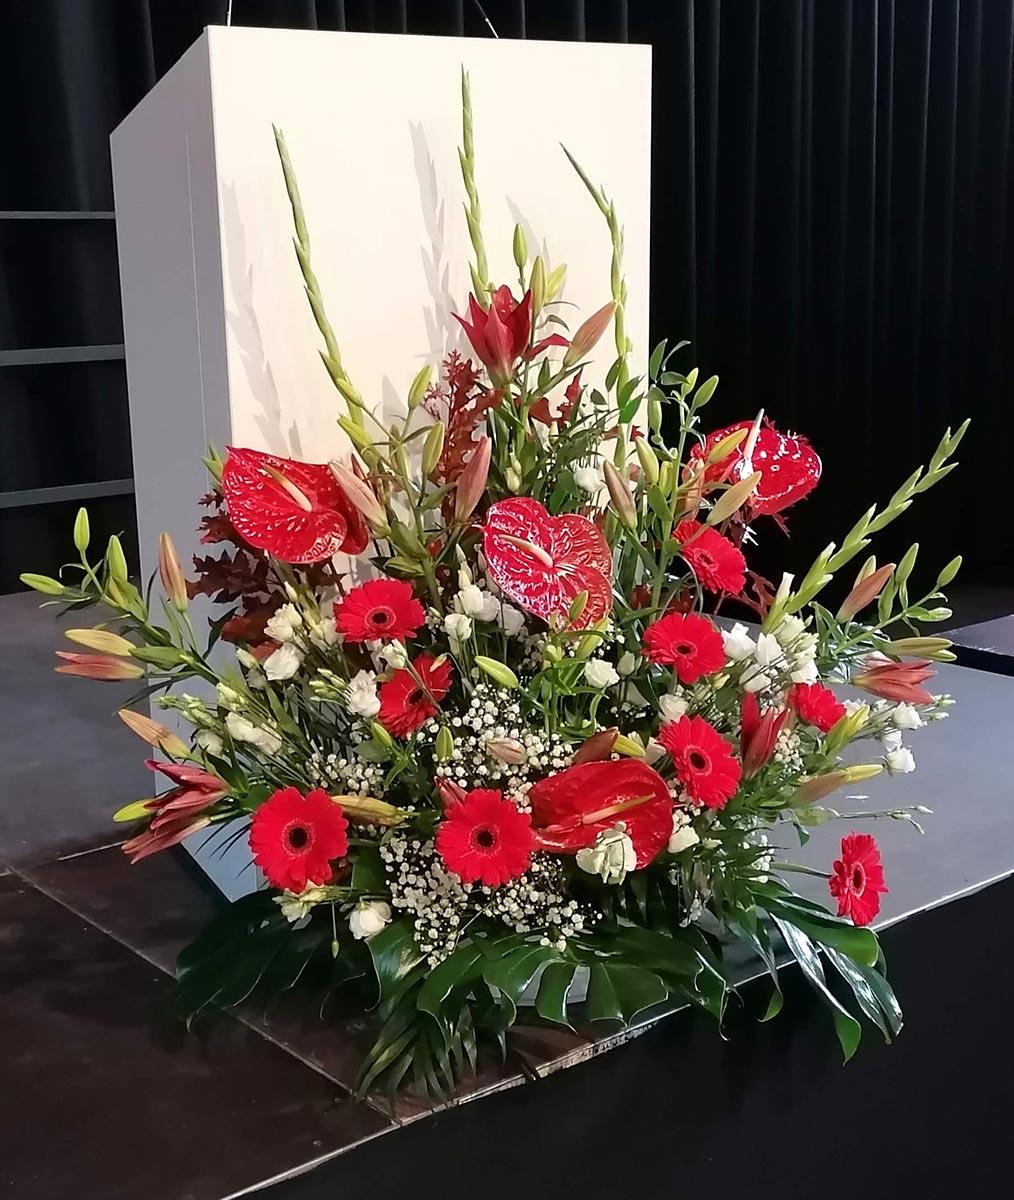 Gesteck Blumen Veranstaltung Dekoration